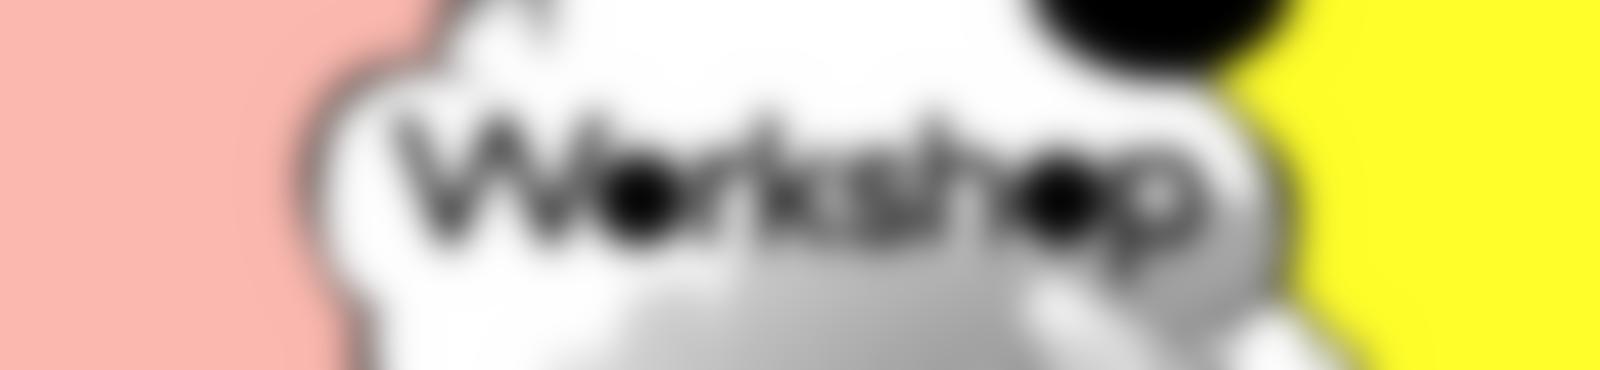 Blurred 1940d341 dc53 46a8 9e49 a6779b499bce